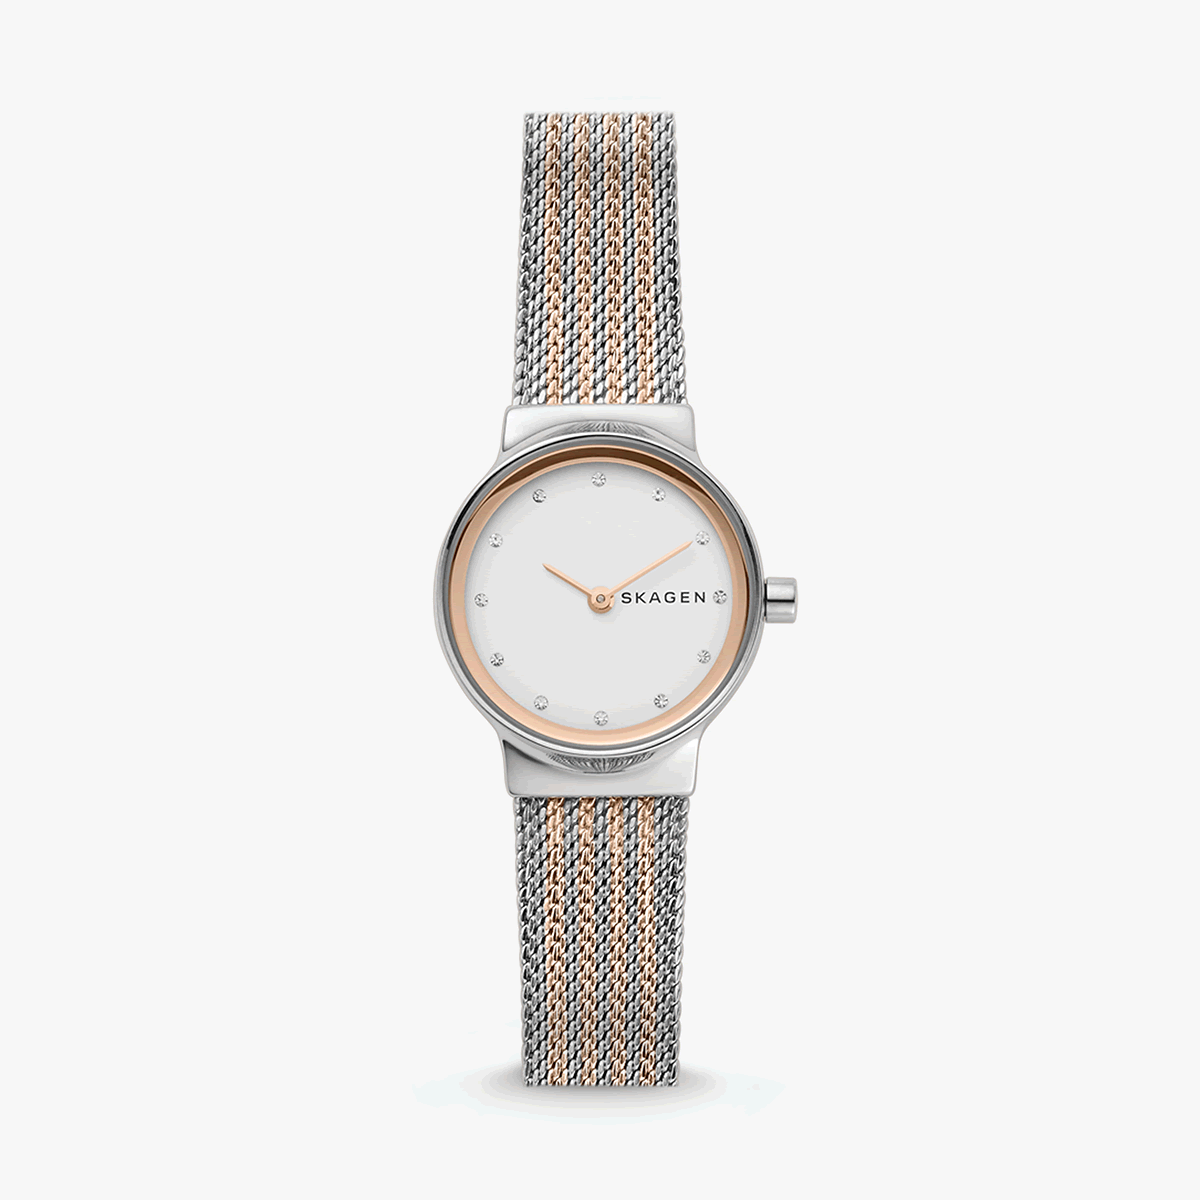 Women Skagen Watches - Macy's